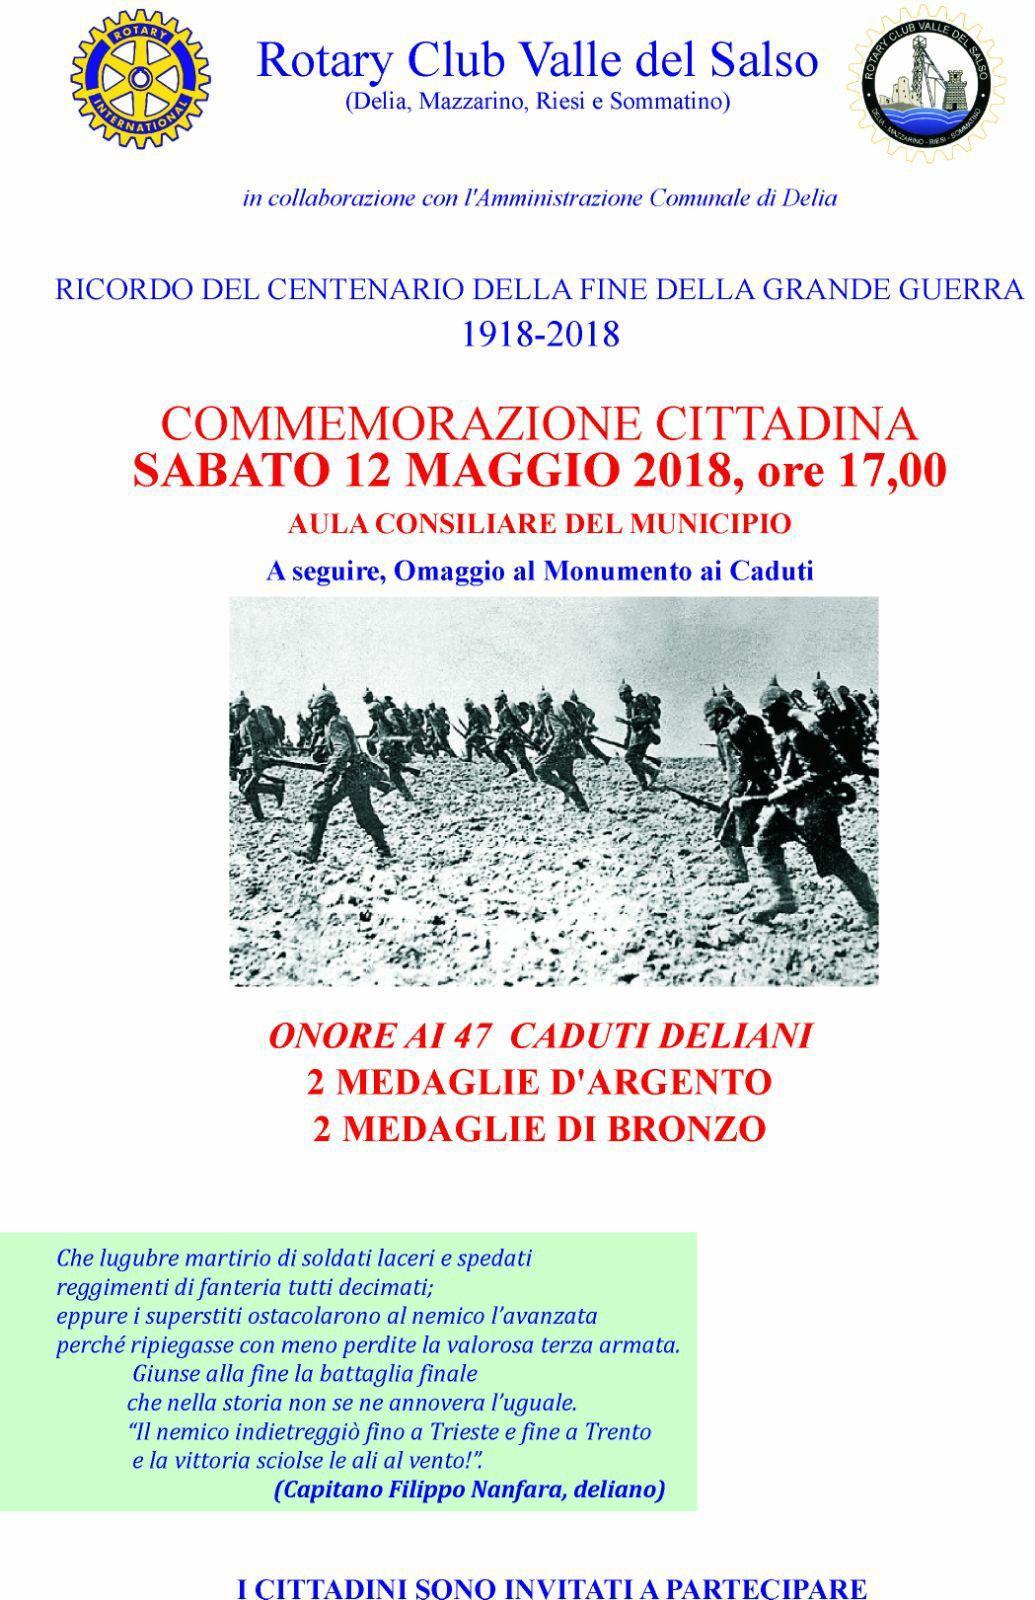 RICORDO DEL CENTENARIO DELLA FINE DELLA GRANDE GUUERRA 1918-2018